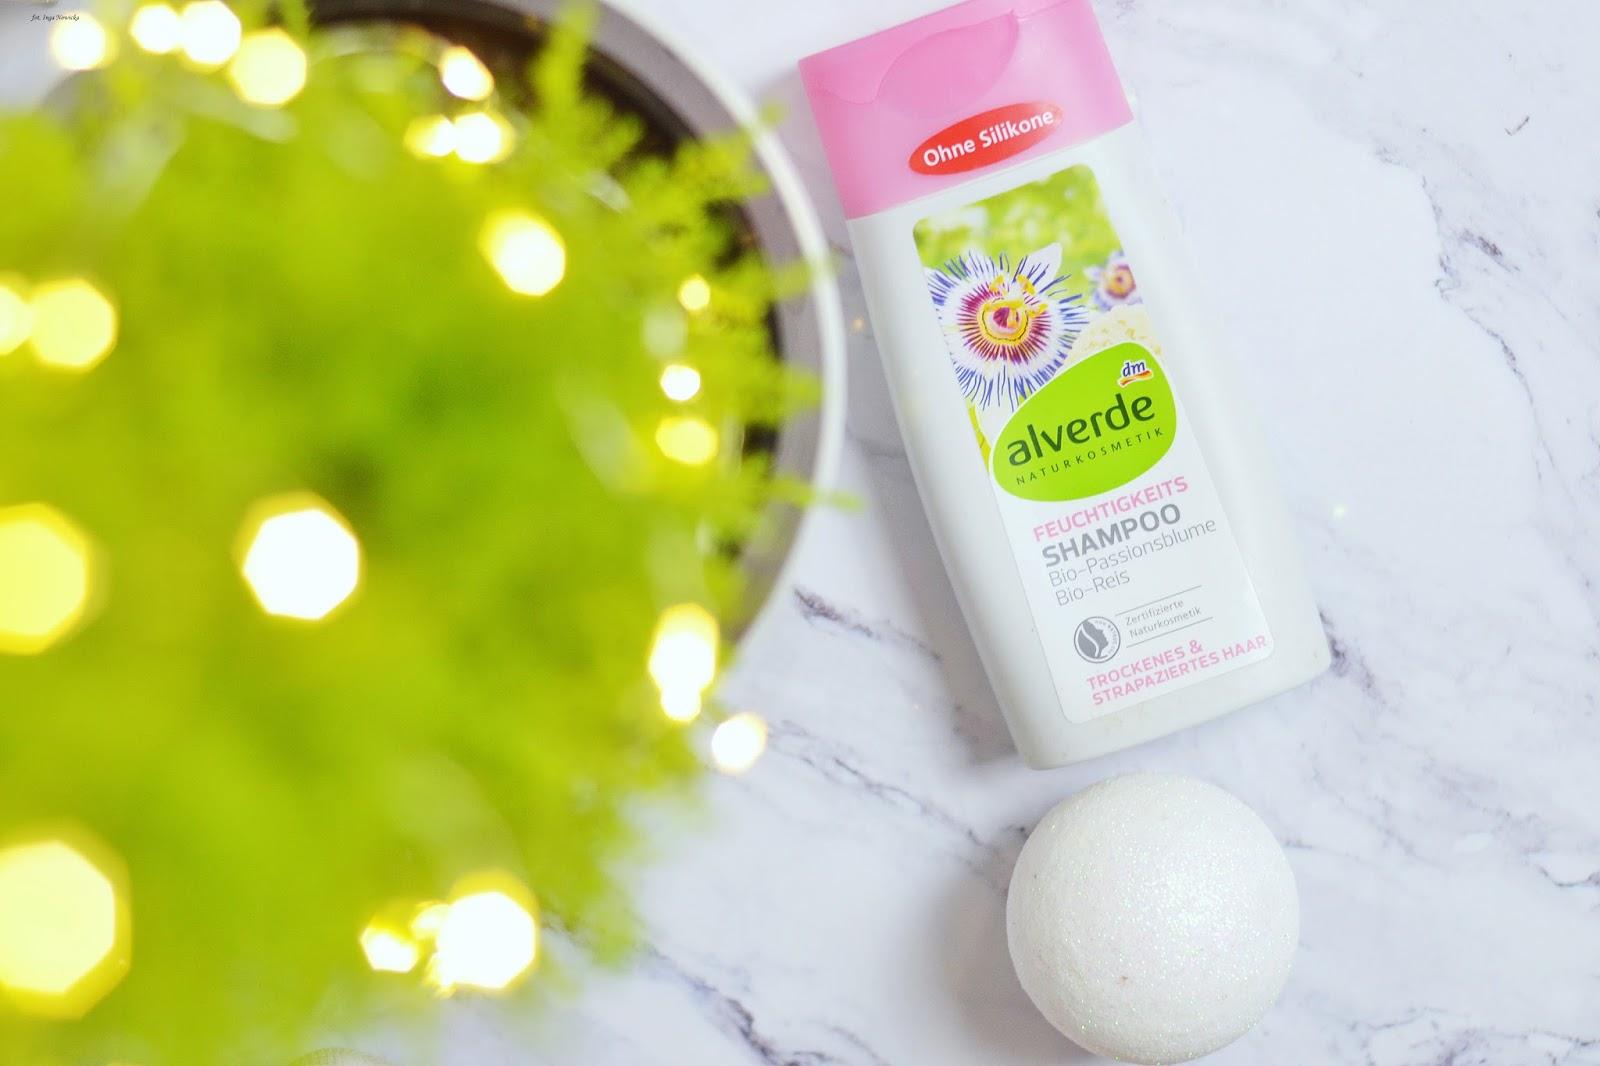 szampony alverde, co warto kupić z niemieckich kosmetyków